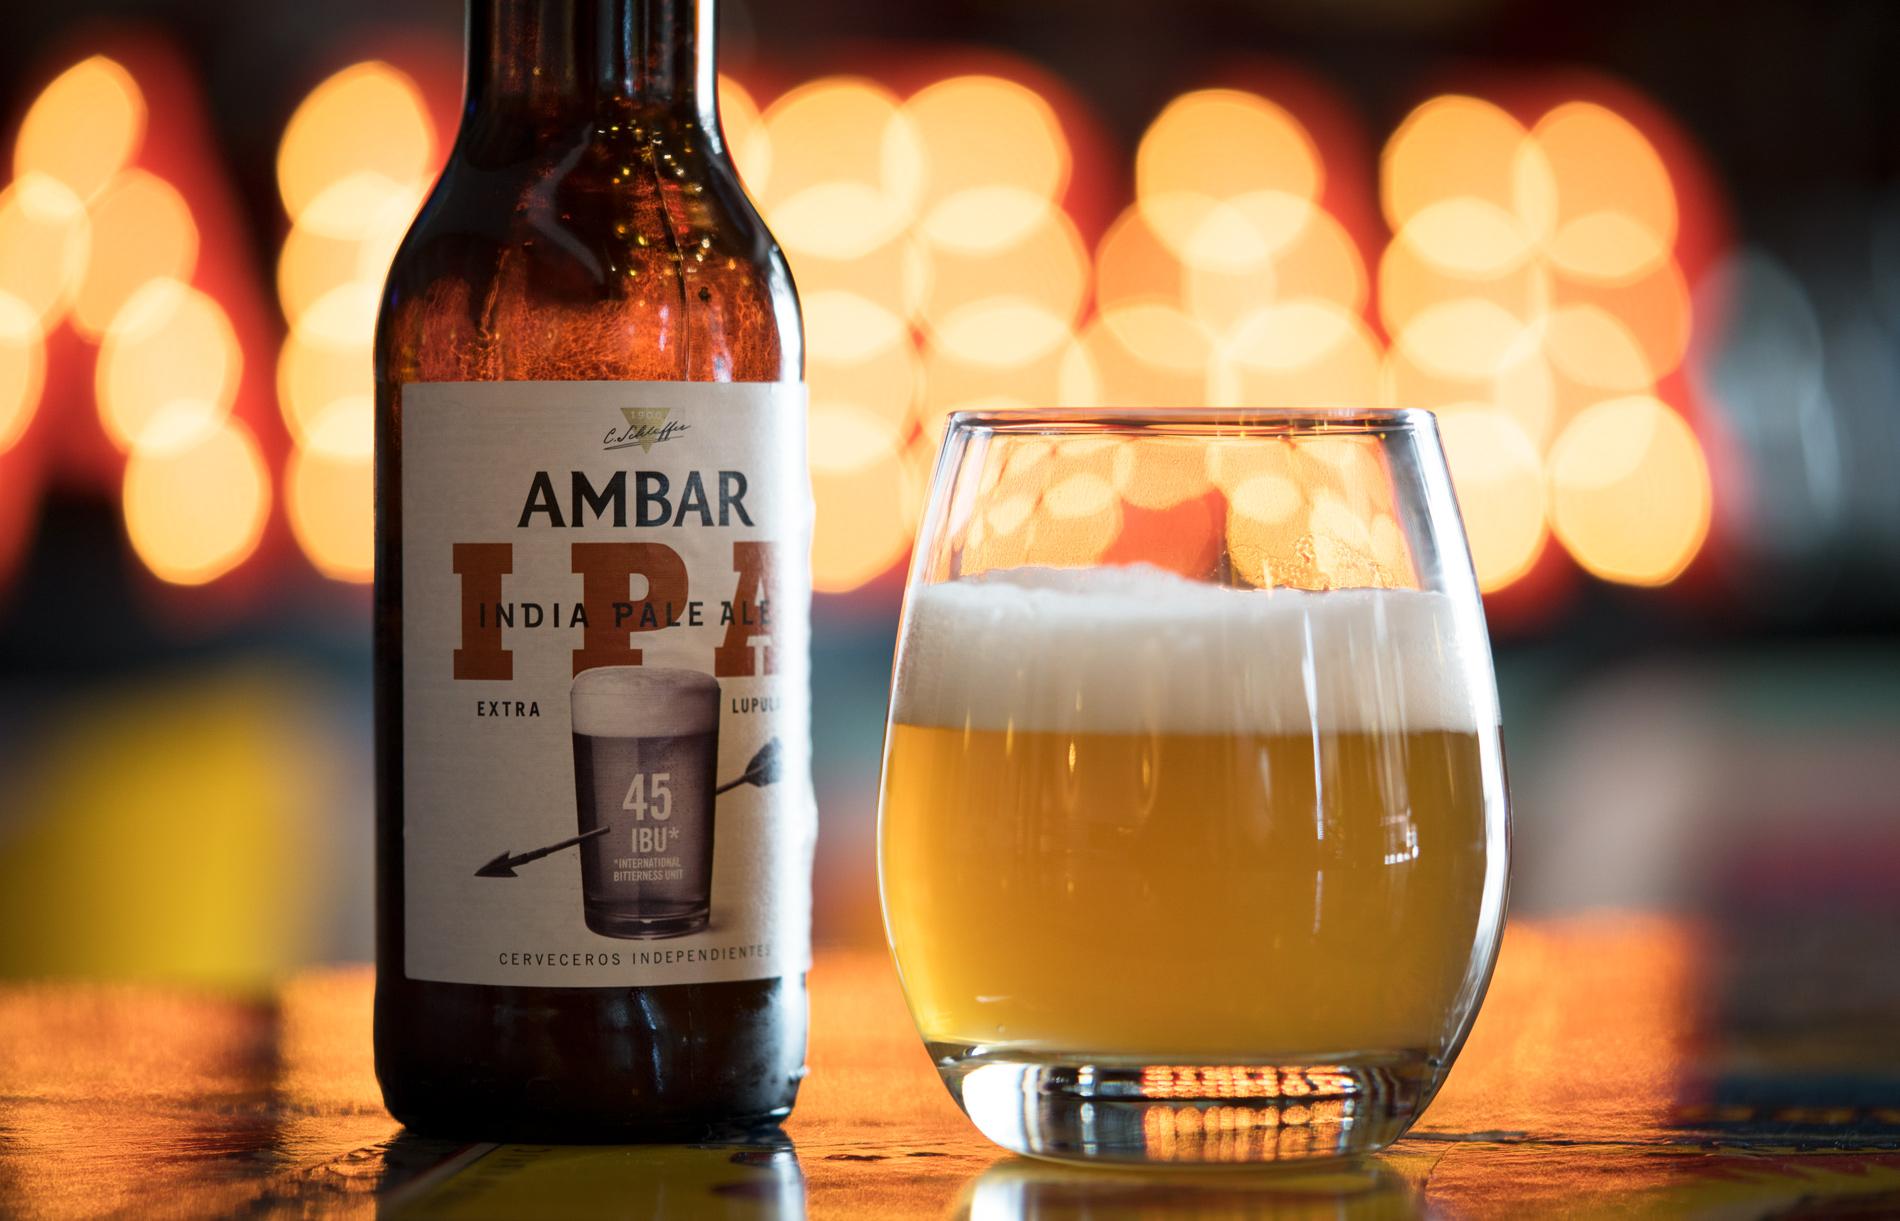 Cervezas Ambar estrena IPA, con extra de lúpulo y de sabor